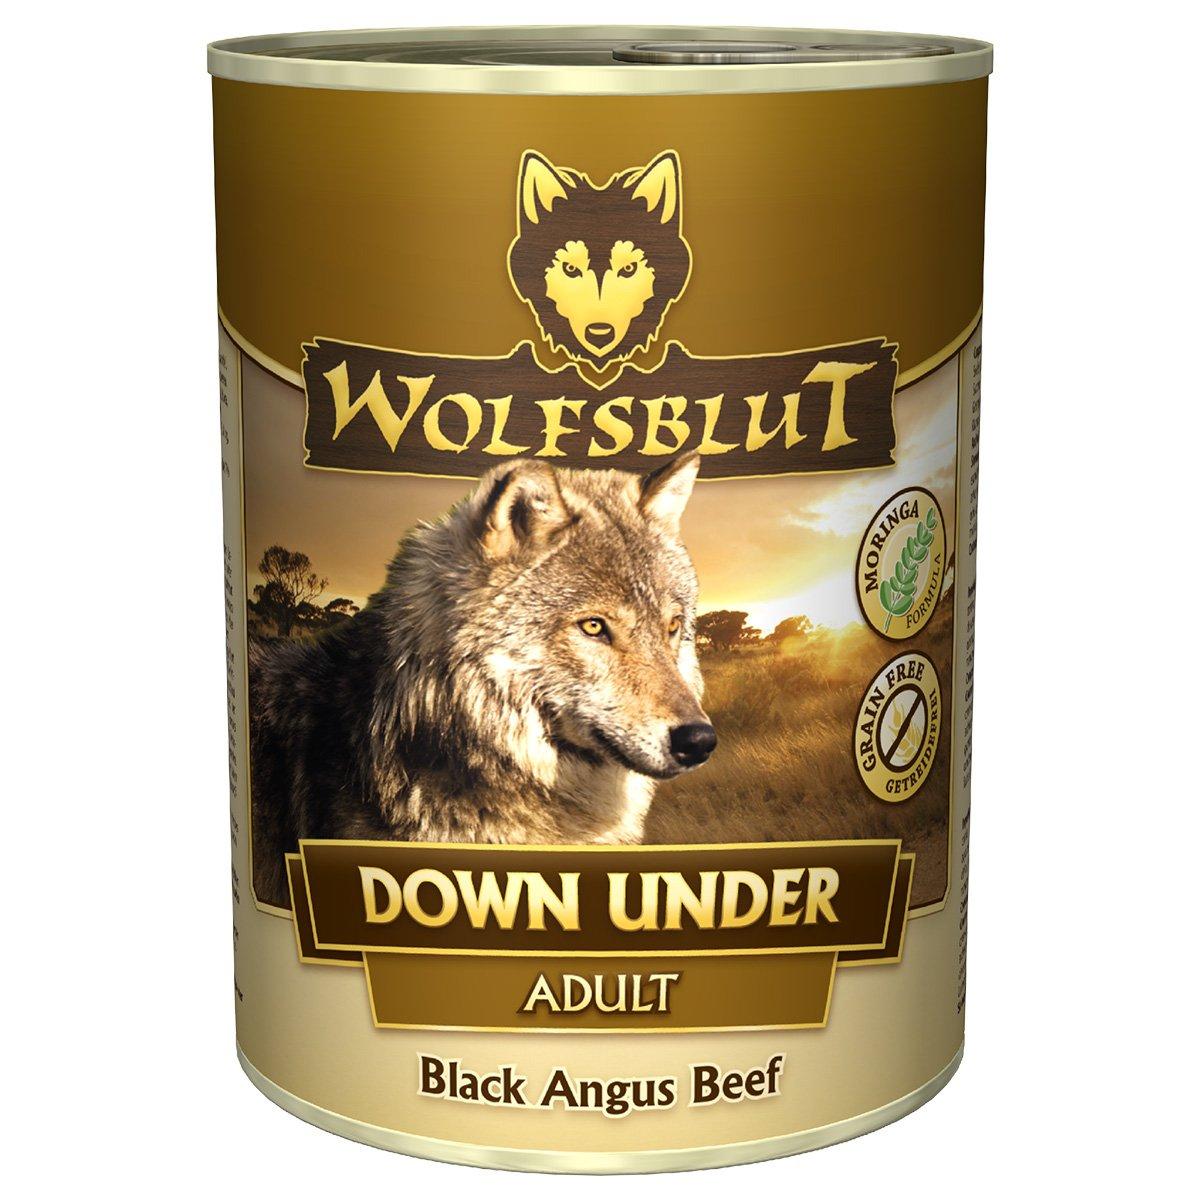 Wolfsblut Down Under Nassfutter für Hunde mit Black Angus Beef 6er Pack (6 x 800 g) [Amazon Prime]